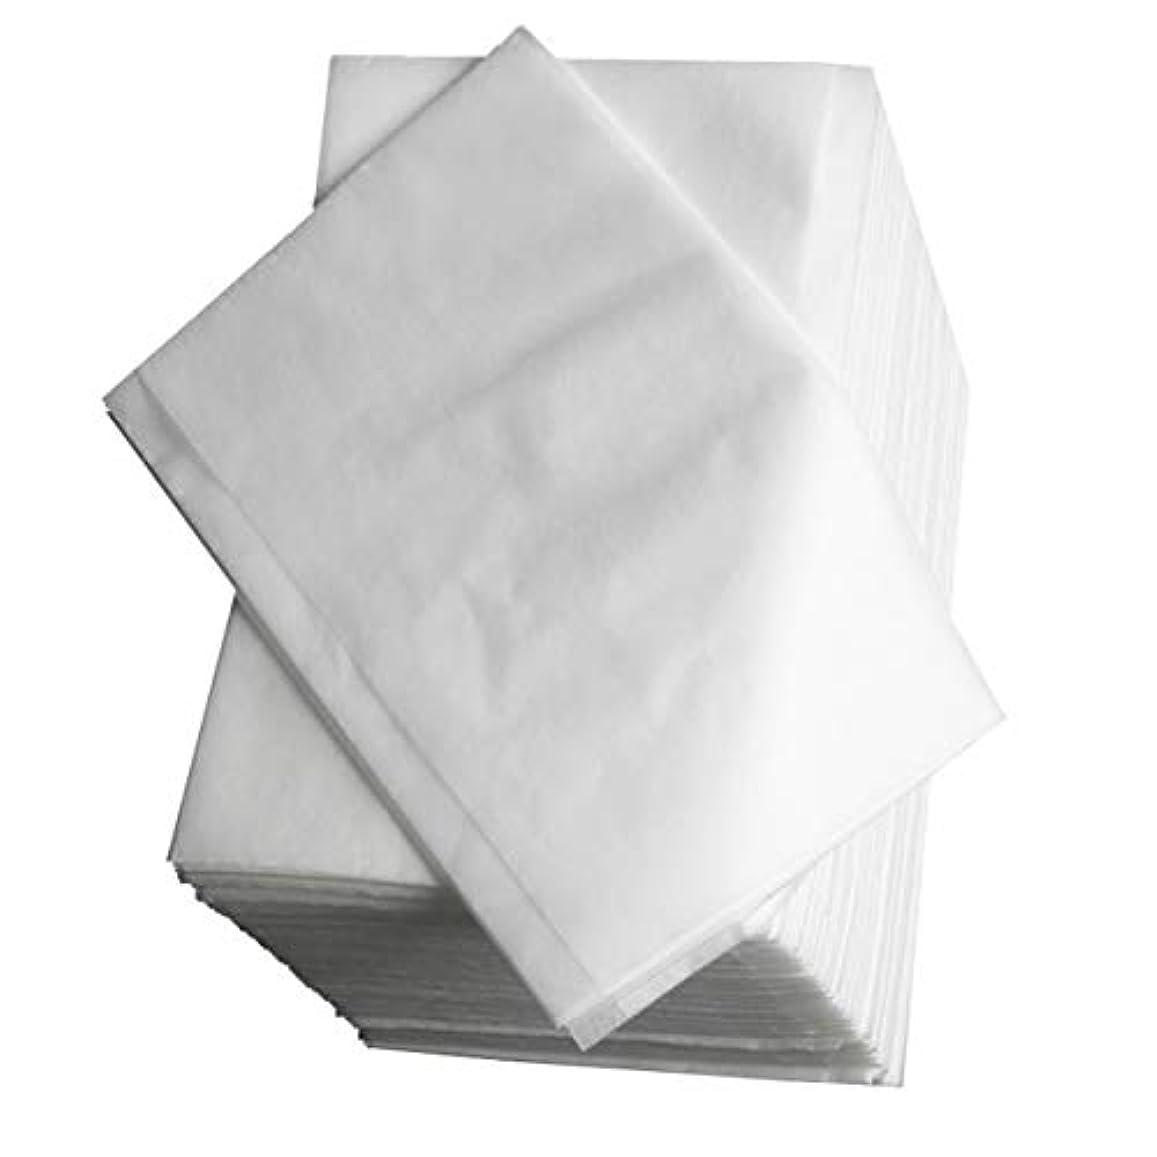 プーノ蒸気水分Disposable Bed Linen Beauty Salon Massage Travel Medical Non-woven Mattress Breathable Antibacterial Anti-infective